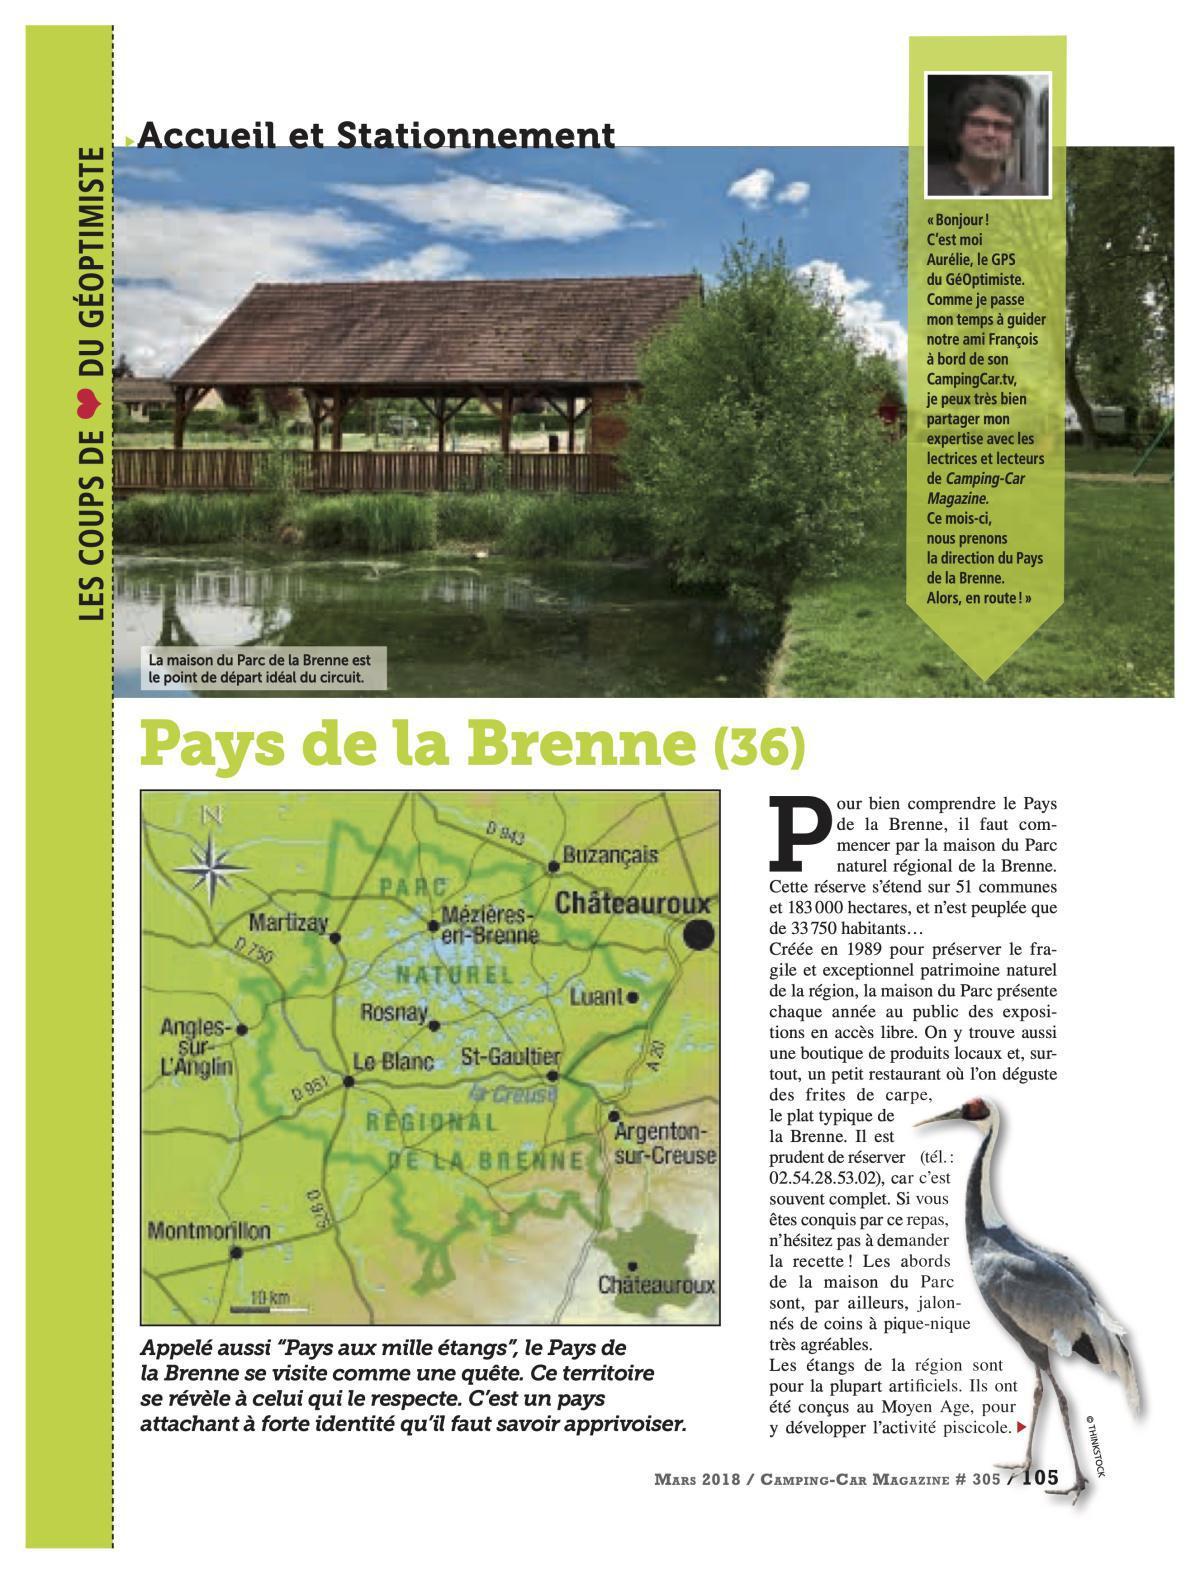 Pays de la Brenne - CCM 305